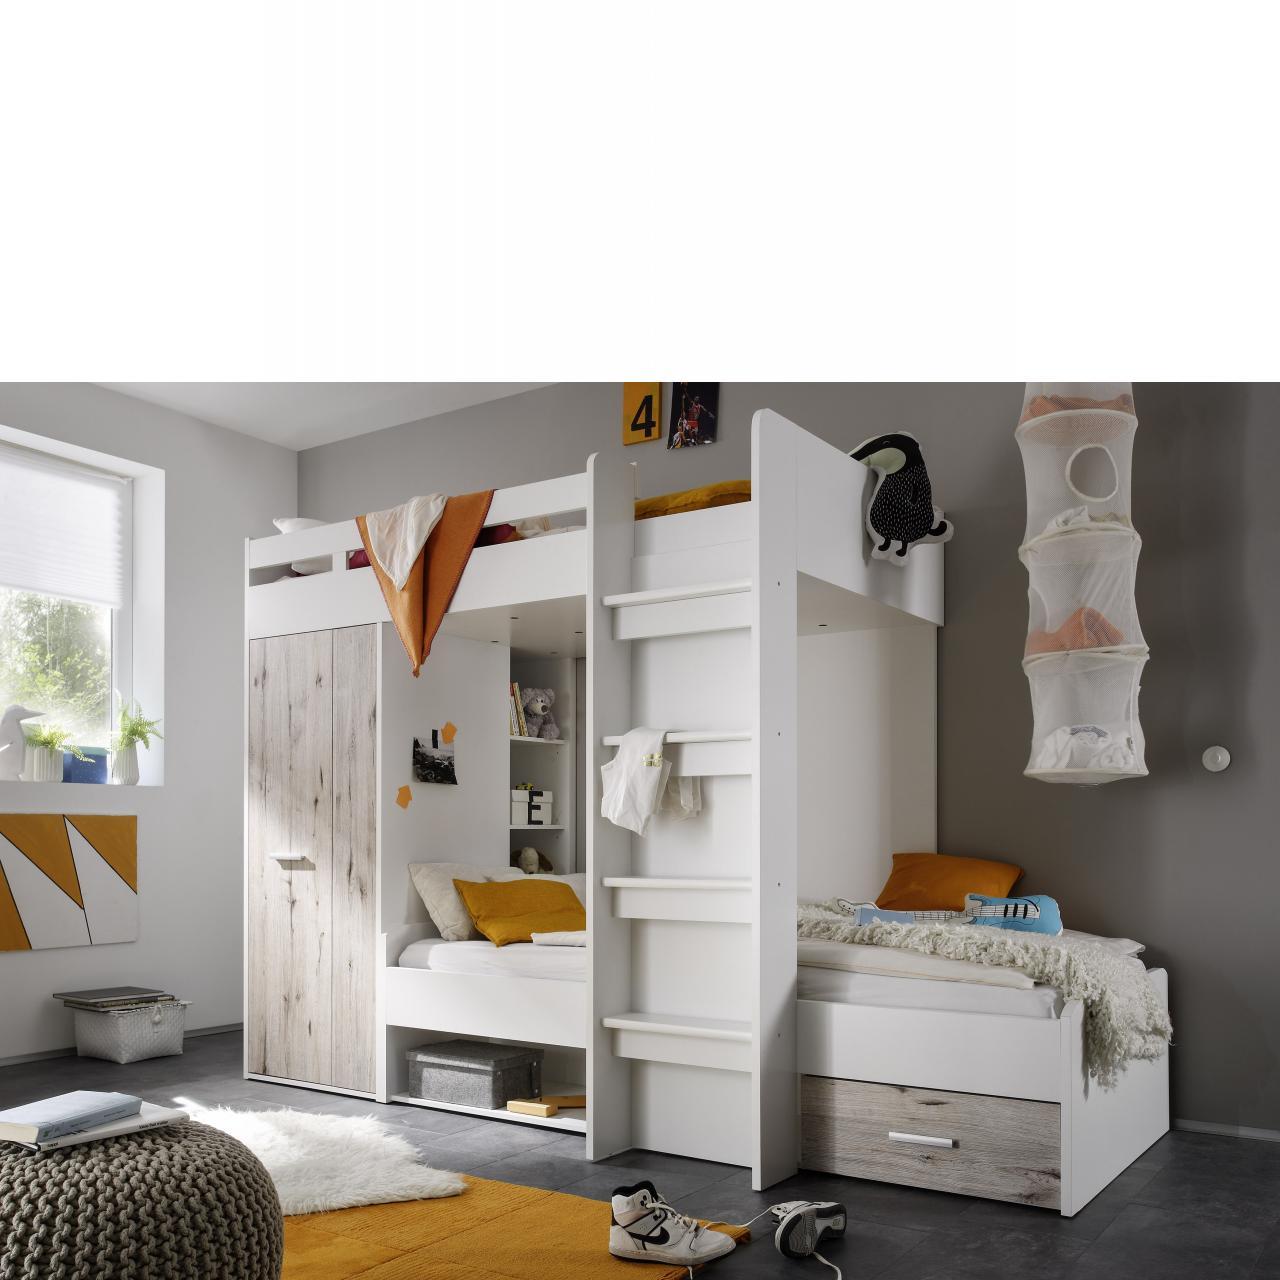 hochbett maxi in sandeiche wei mit leiter kinderbetten kinder m bel j hnichen center gmbh. Black Bedroom Furniture Sets. Home Design Ideas